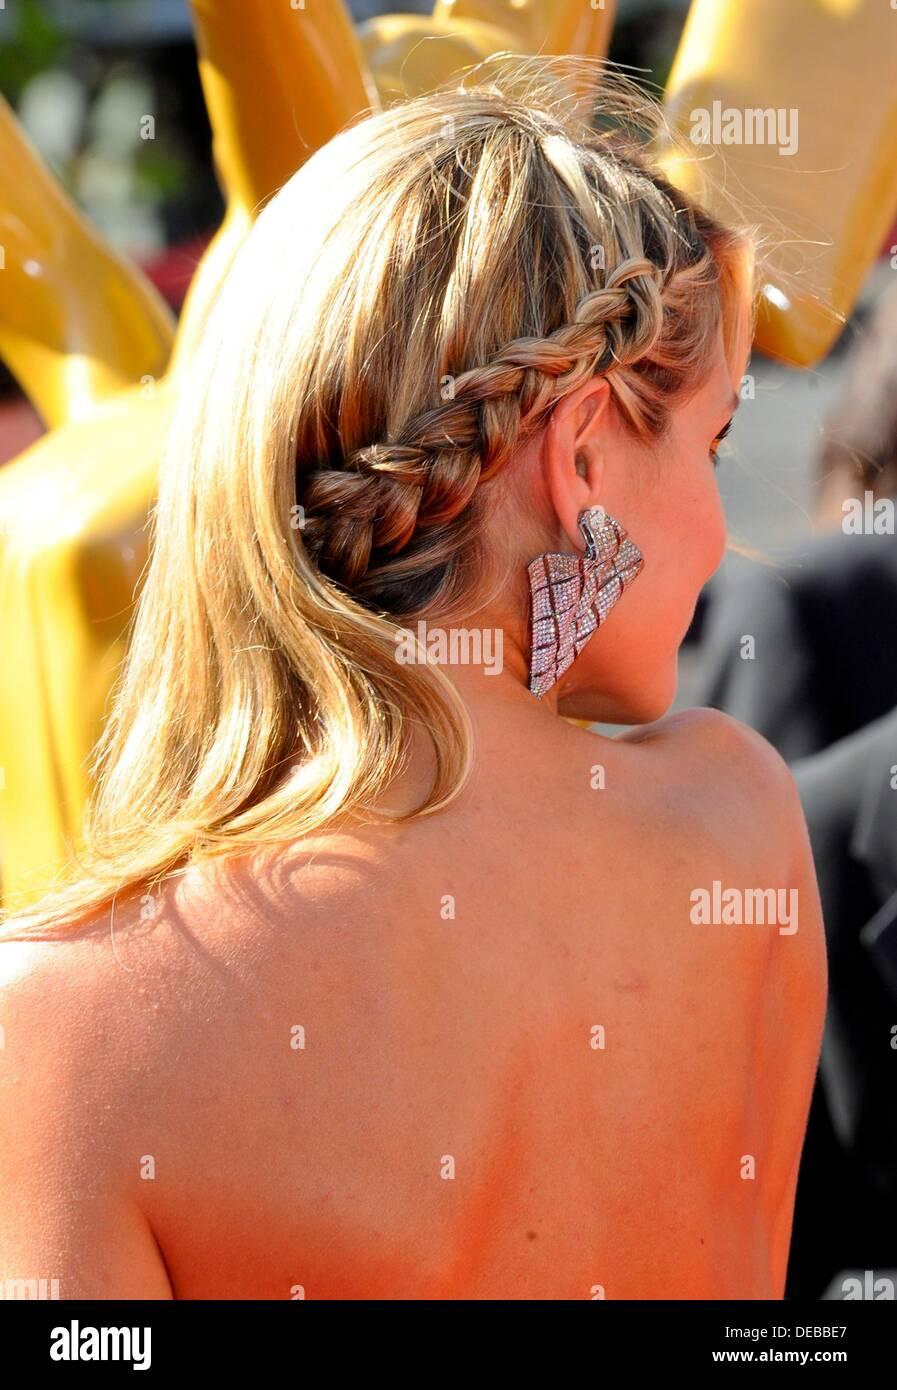 Los Angeles, CA. 15 Sep, 2013. Heidi Klum en la terminal de llegadas de Primetime Emmy Awards: Premios a las artes creativas - Llegadas, Nokia Theatre, Los Angeles, CA 15 de septiembre de 2013. © Elizabeth Goodenough/Everett Collection/Alamy Live News Imagen De Stock